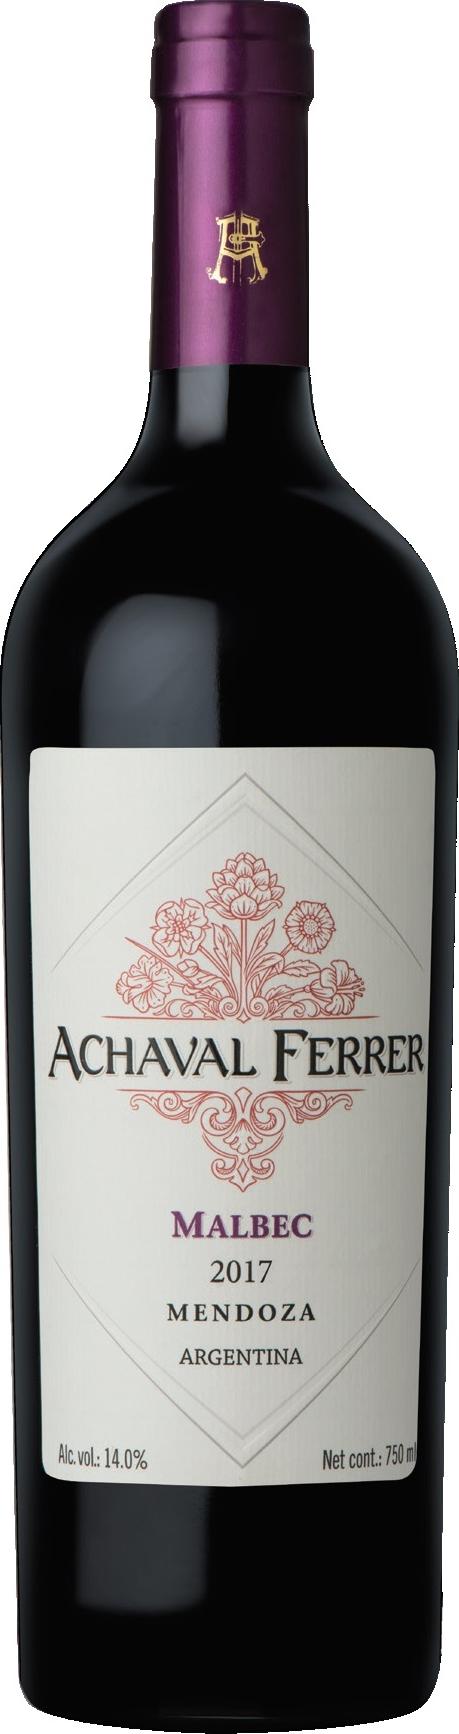 Produktbild på Achaval-Ferrer